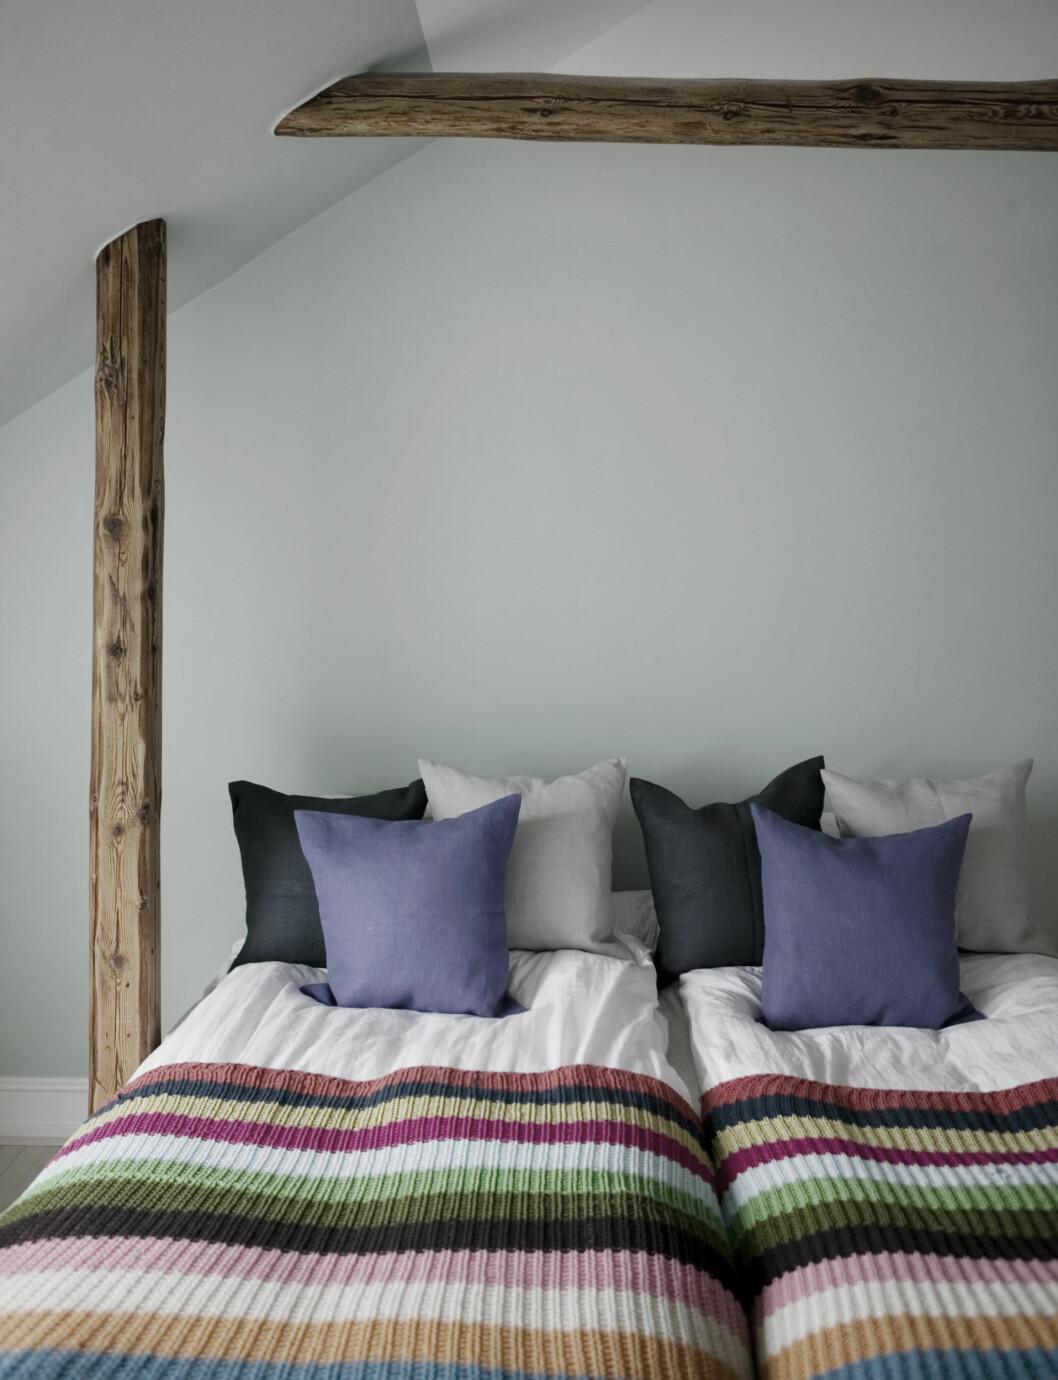 KOSELIG SOVEROM: Dobbeltsengen får bare så vidt plass mellom bjelkene på soverommet. Pledd fra Ikea.  Foto: Kira Brandt/House of Pictures